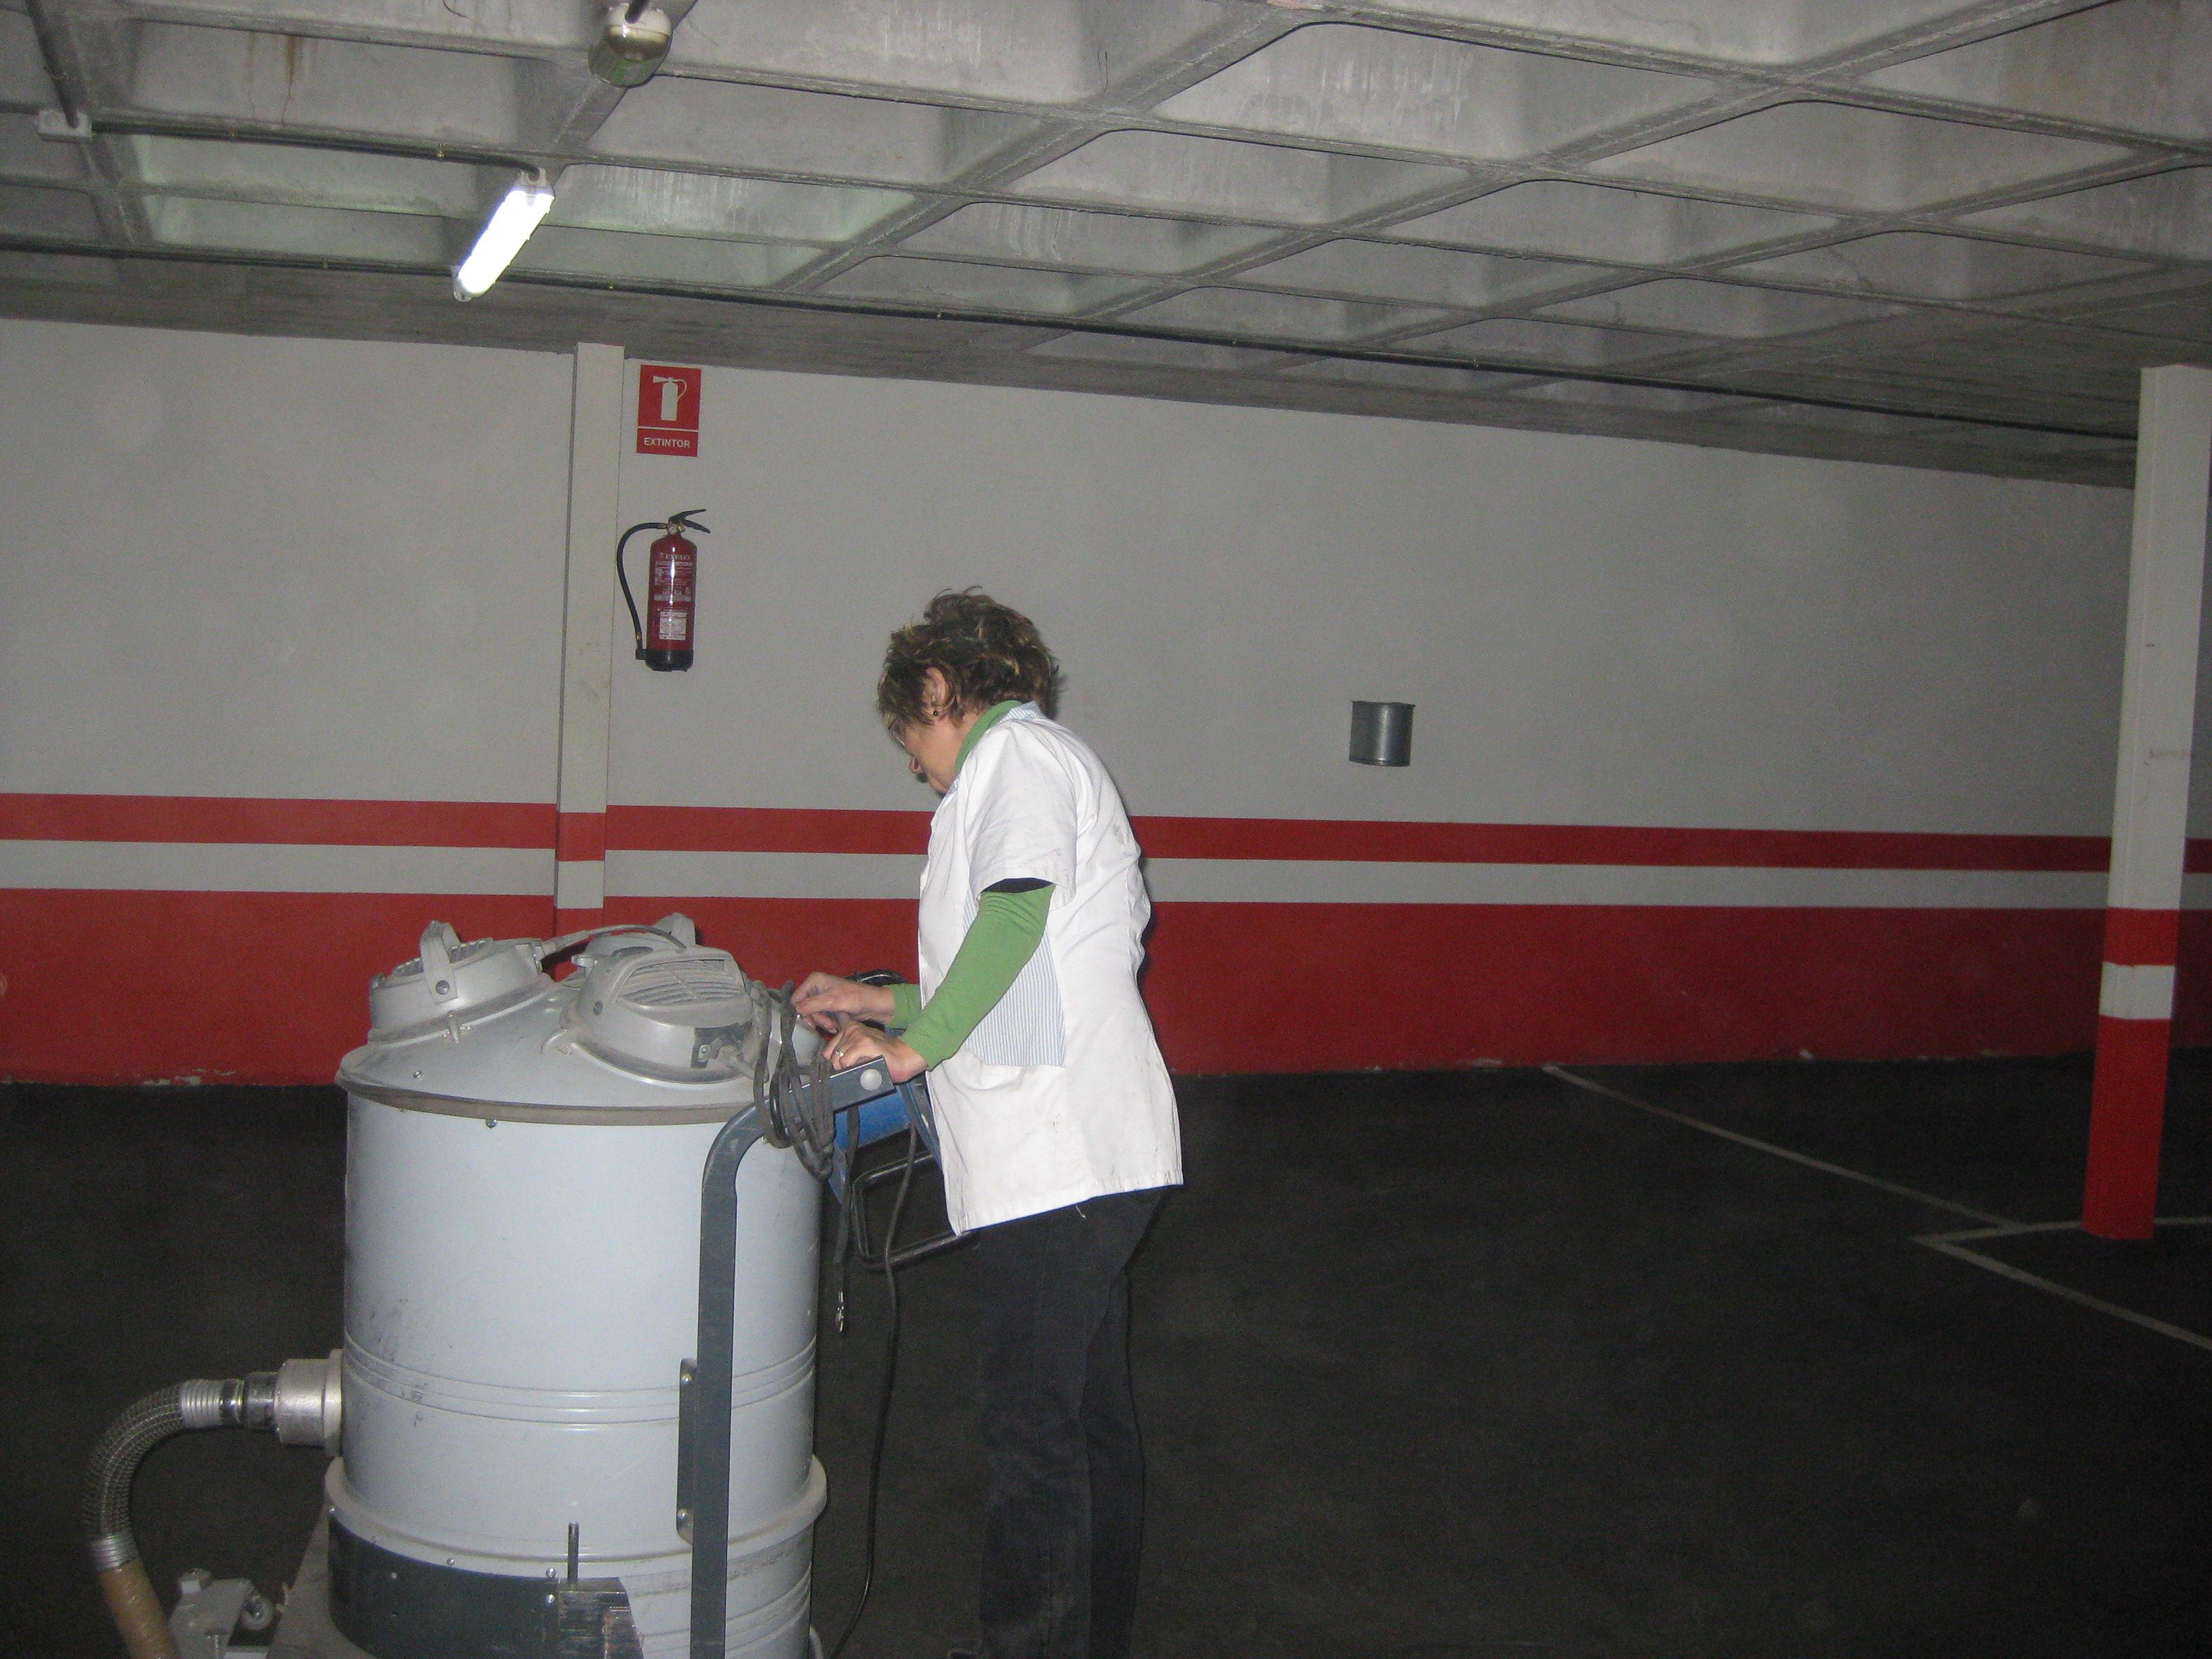 Foto 6 de Limpieza (empresas) en Gijón | Limpiezas Lozano